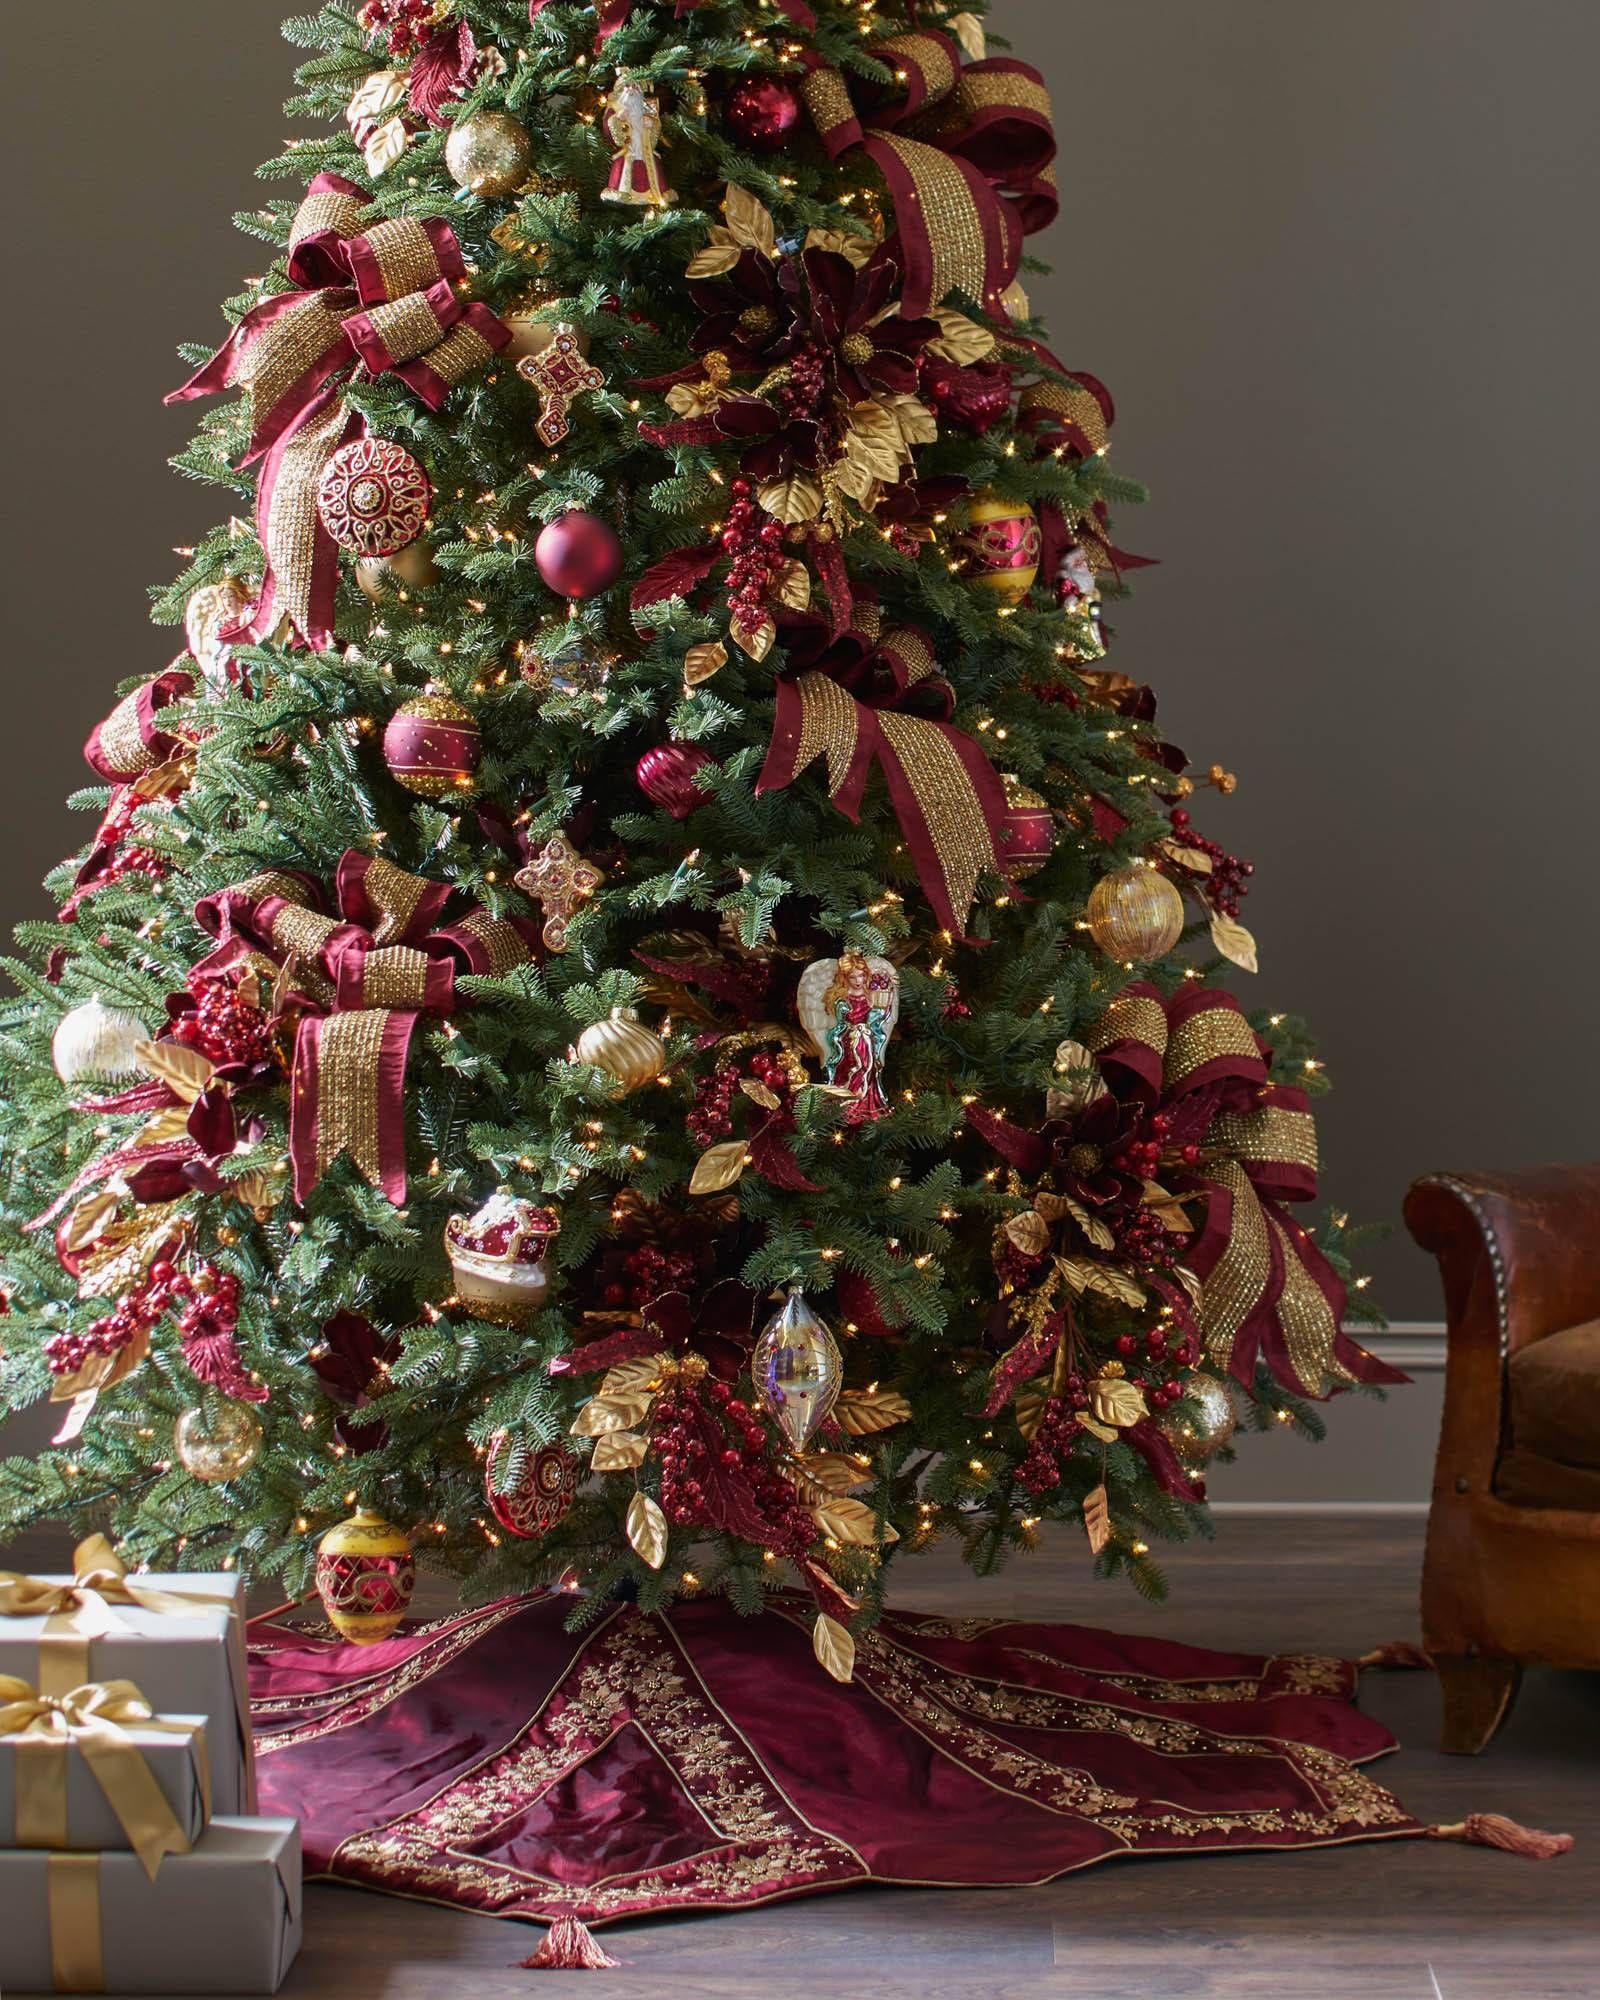 Burgundy and Gold Christmas Tree Skirt  Balsam Hill  Christmas